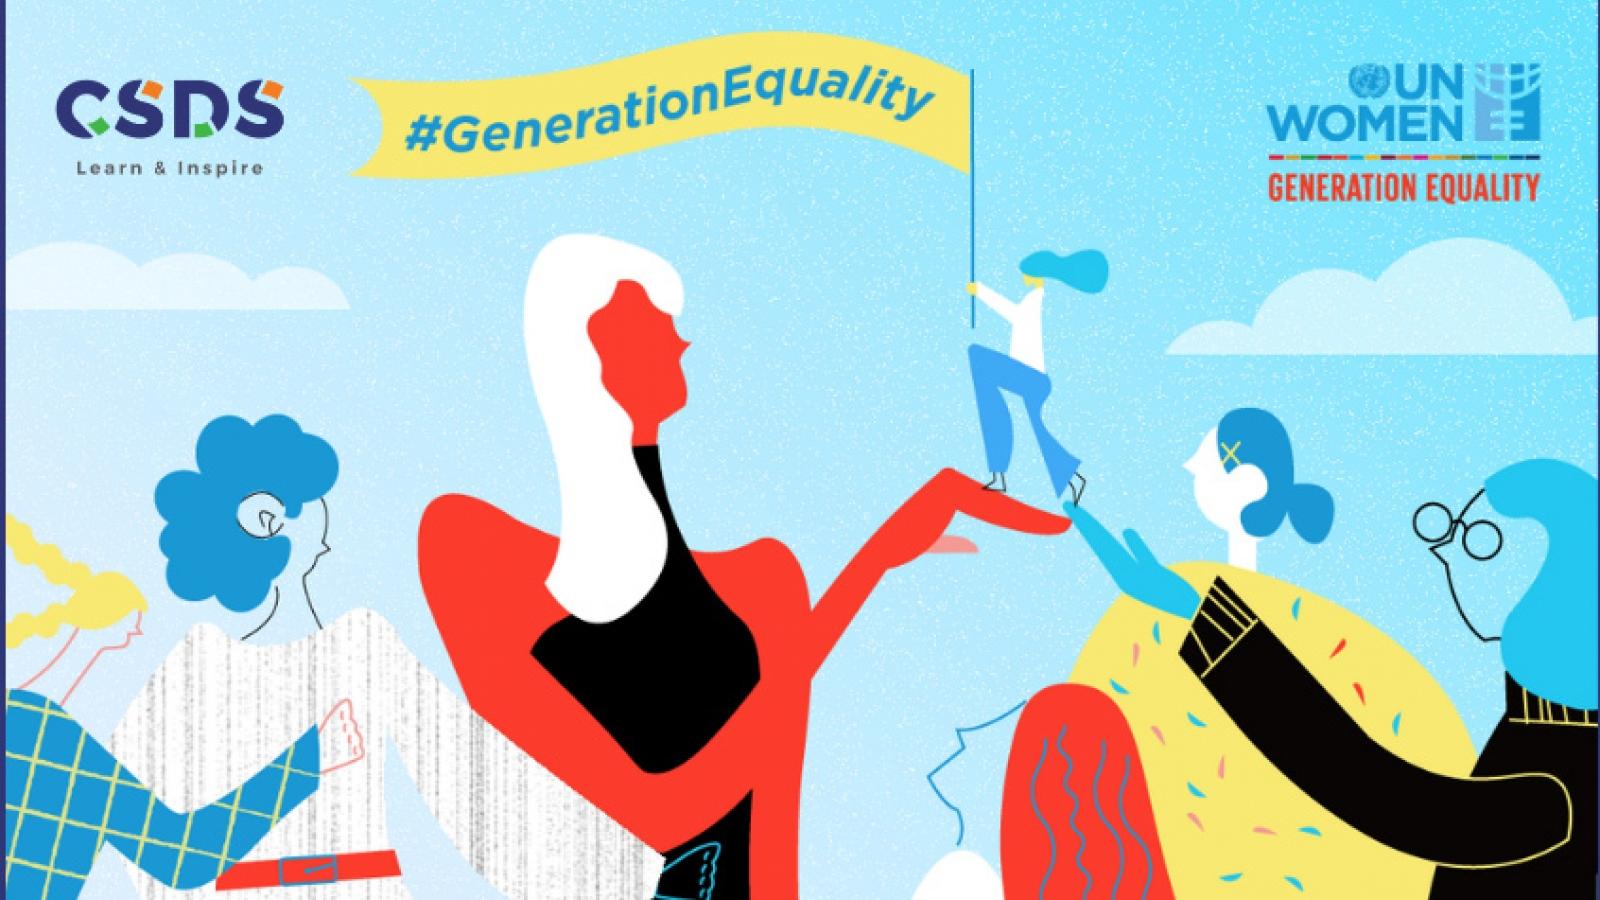 UN Women tiếp tục hỗ trợ Việt Nam thúc đẩy bình đẳng giới